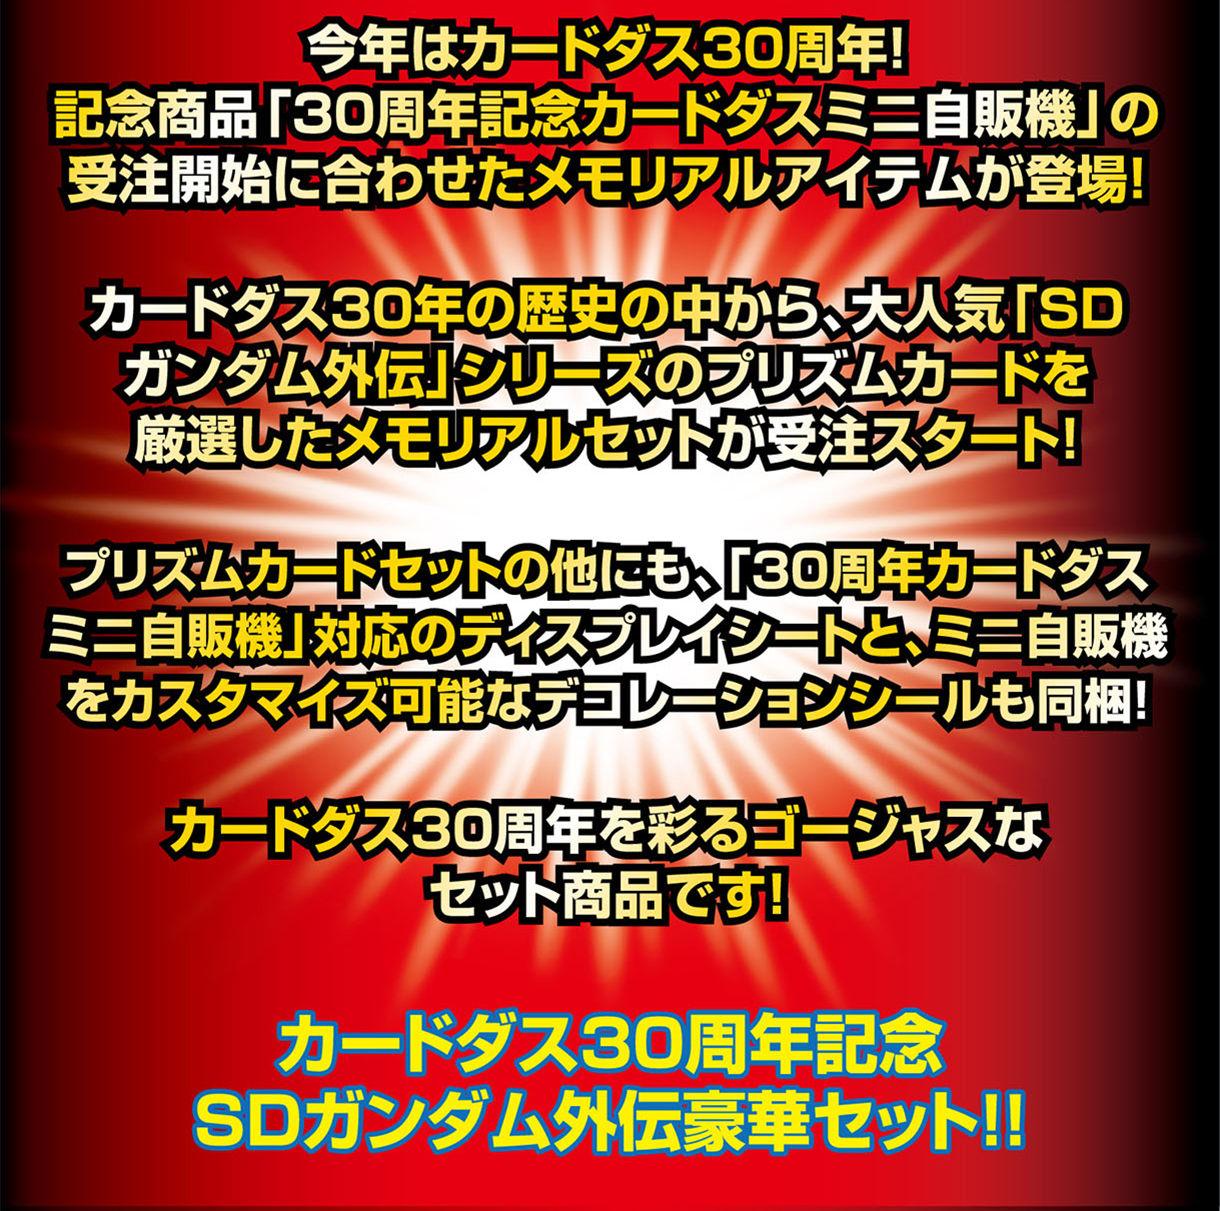 カードダス30周年記念 SDガンダム外伝豪華セット!!